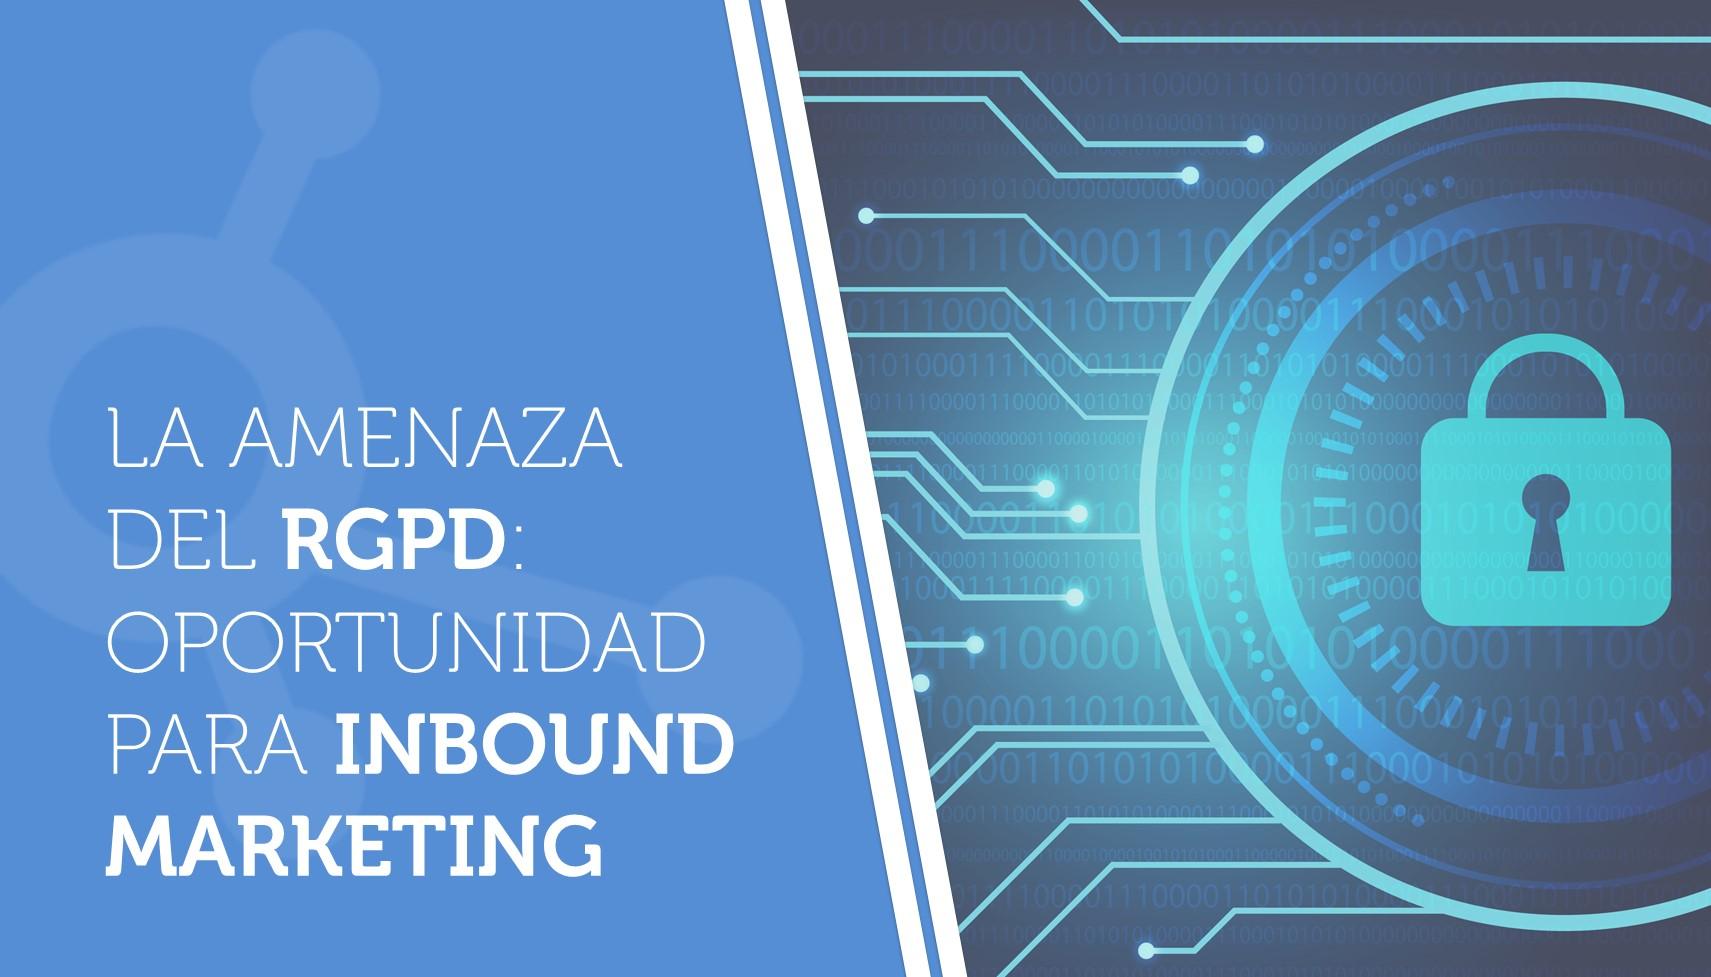 La amenaza del RGPD: oportunidad para inbound marketing